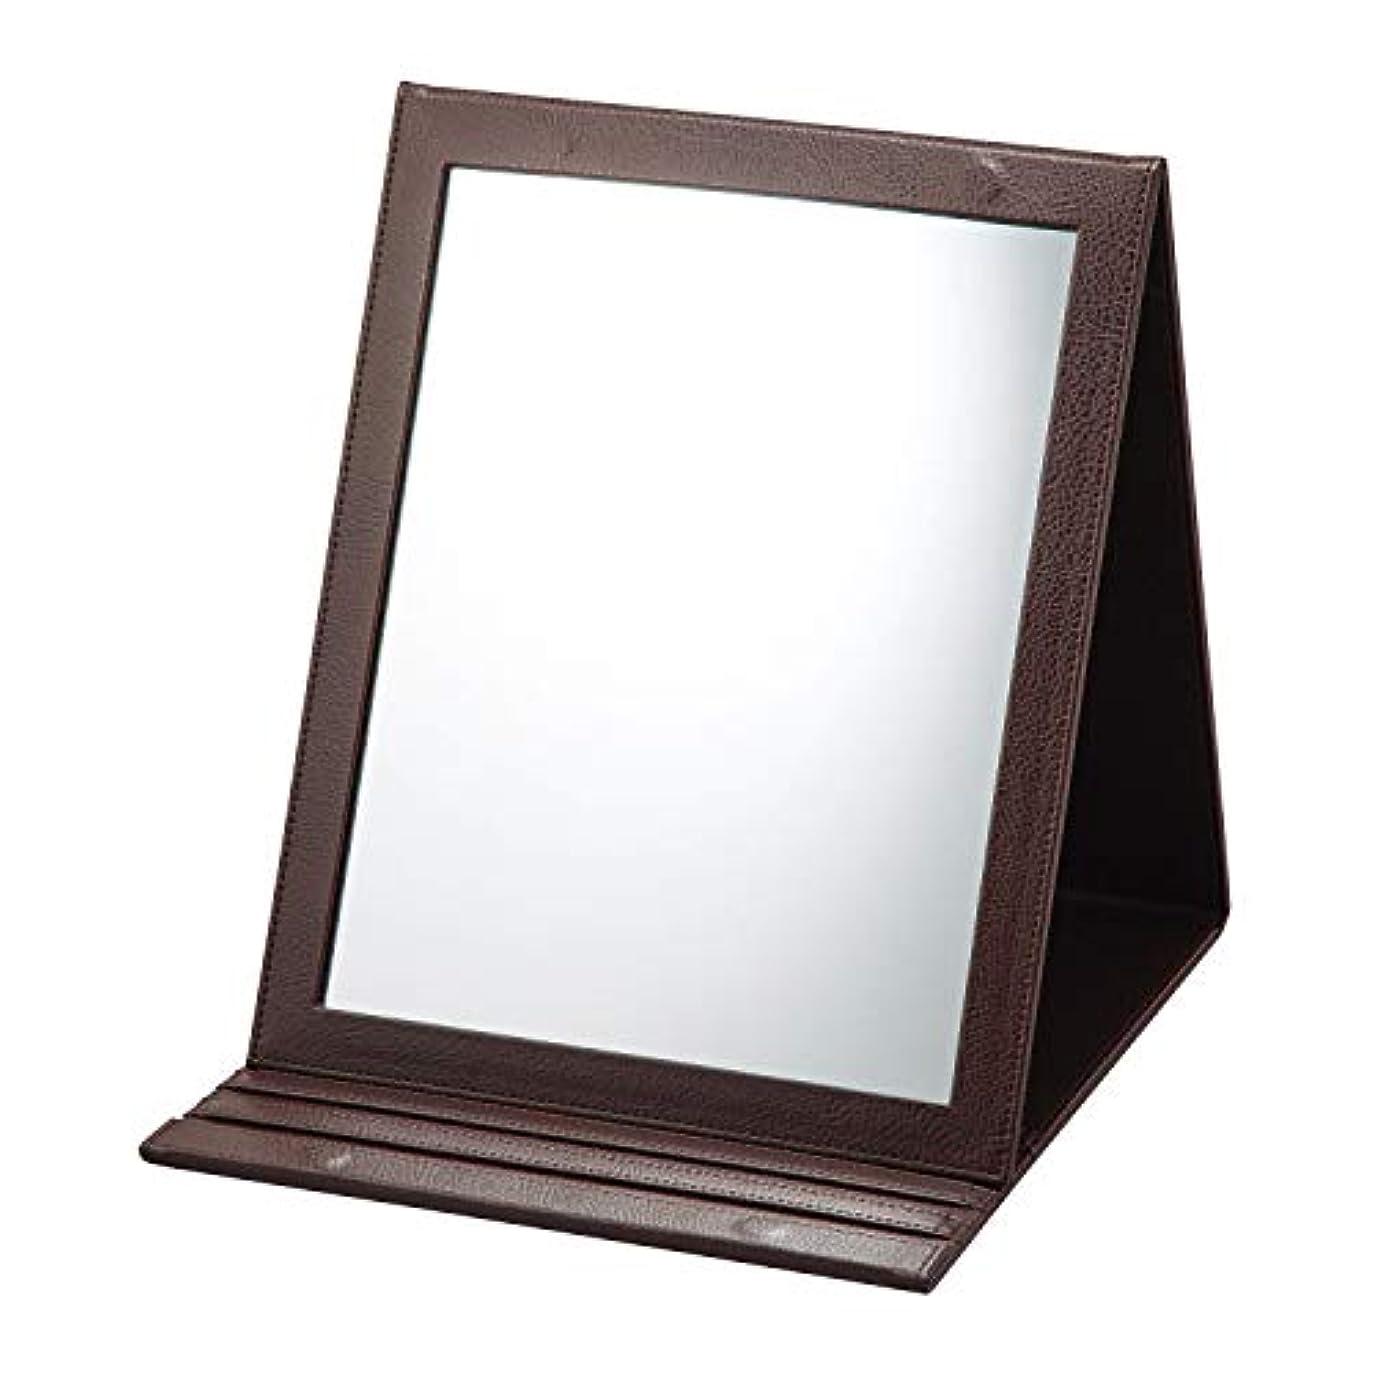 犬バン半島折立鏡デカミラー 角度調整5段階 卓上 A4サイズ ヘアメイク ヘアアレンジ 化粧 折りたたみ 大きい デコルテまで見える